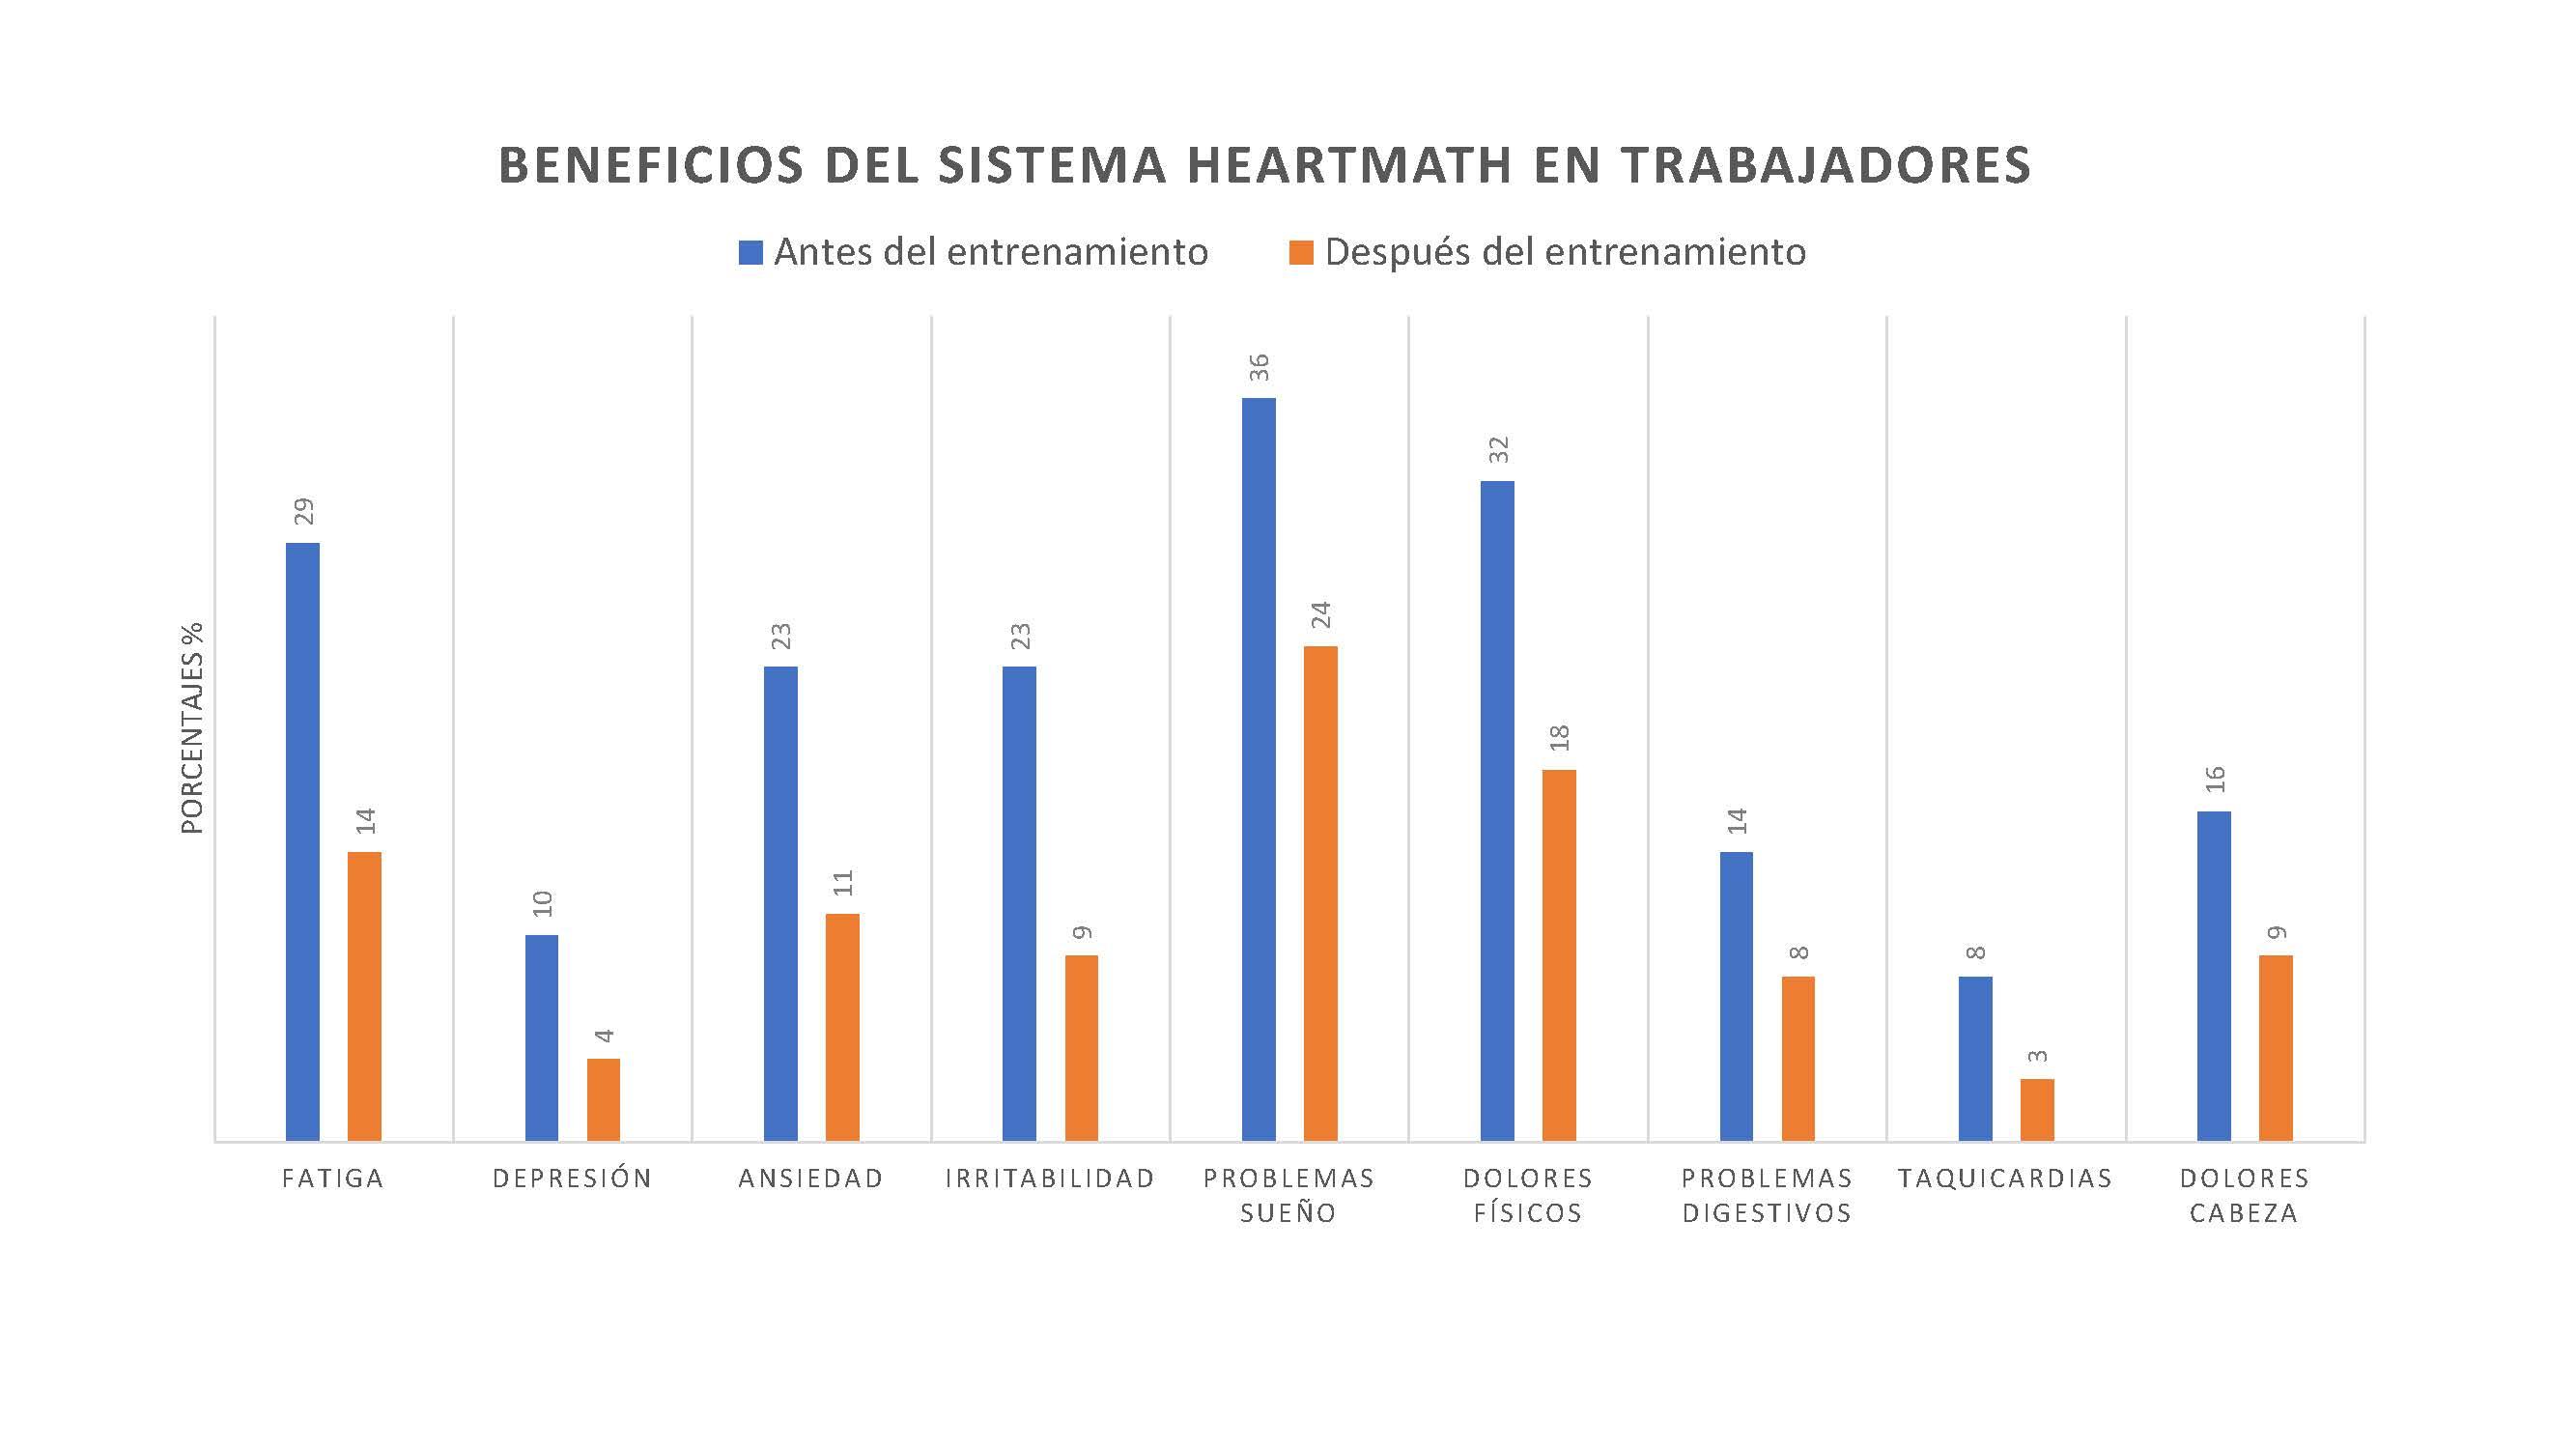 absentismo y presentismo en el trabajo. Beneficios HeartMath